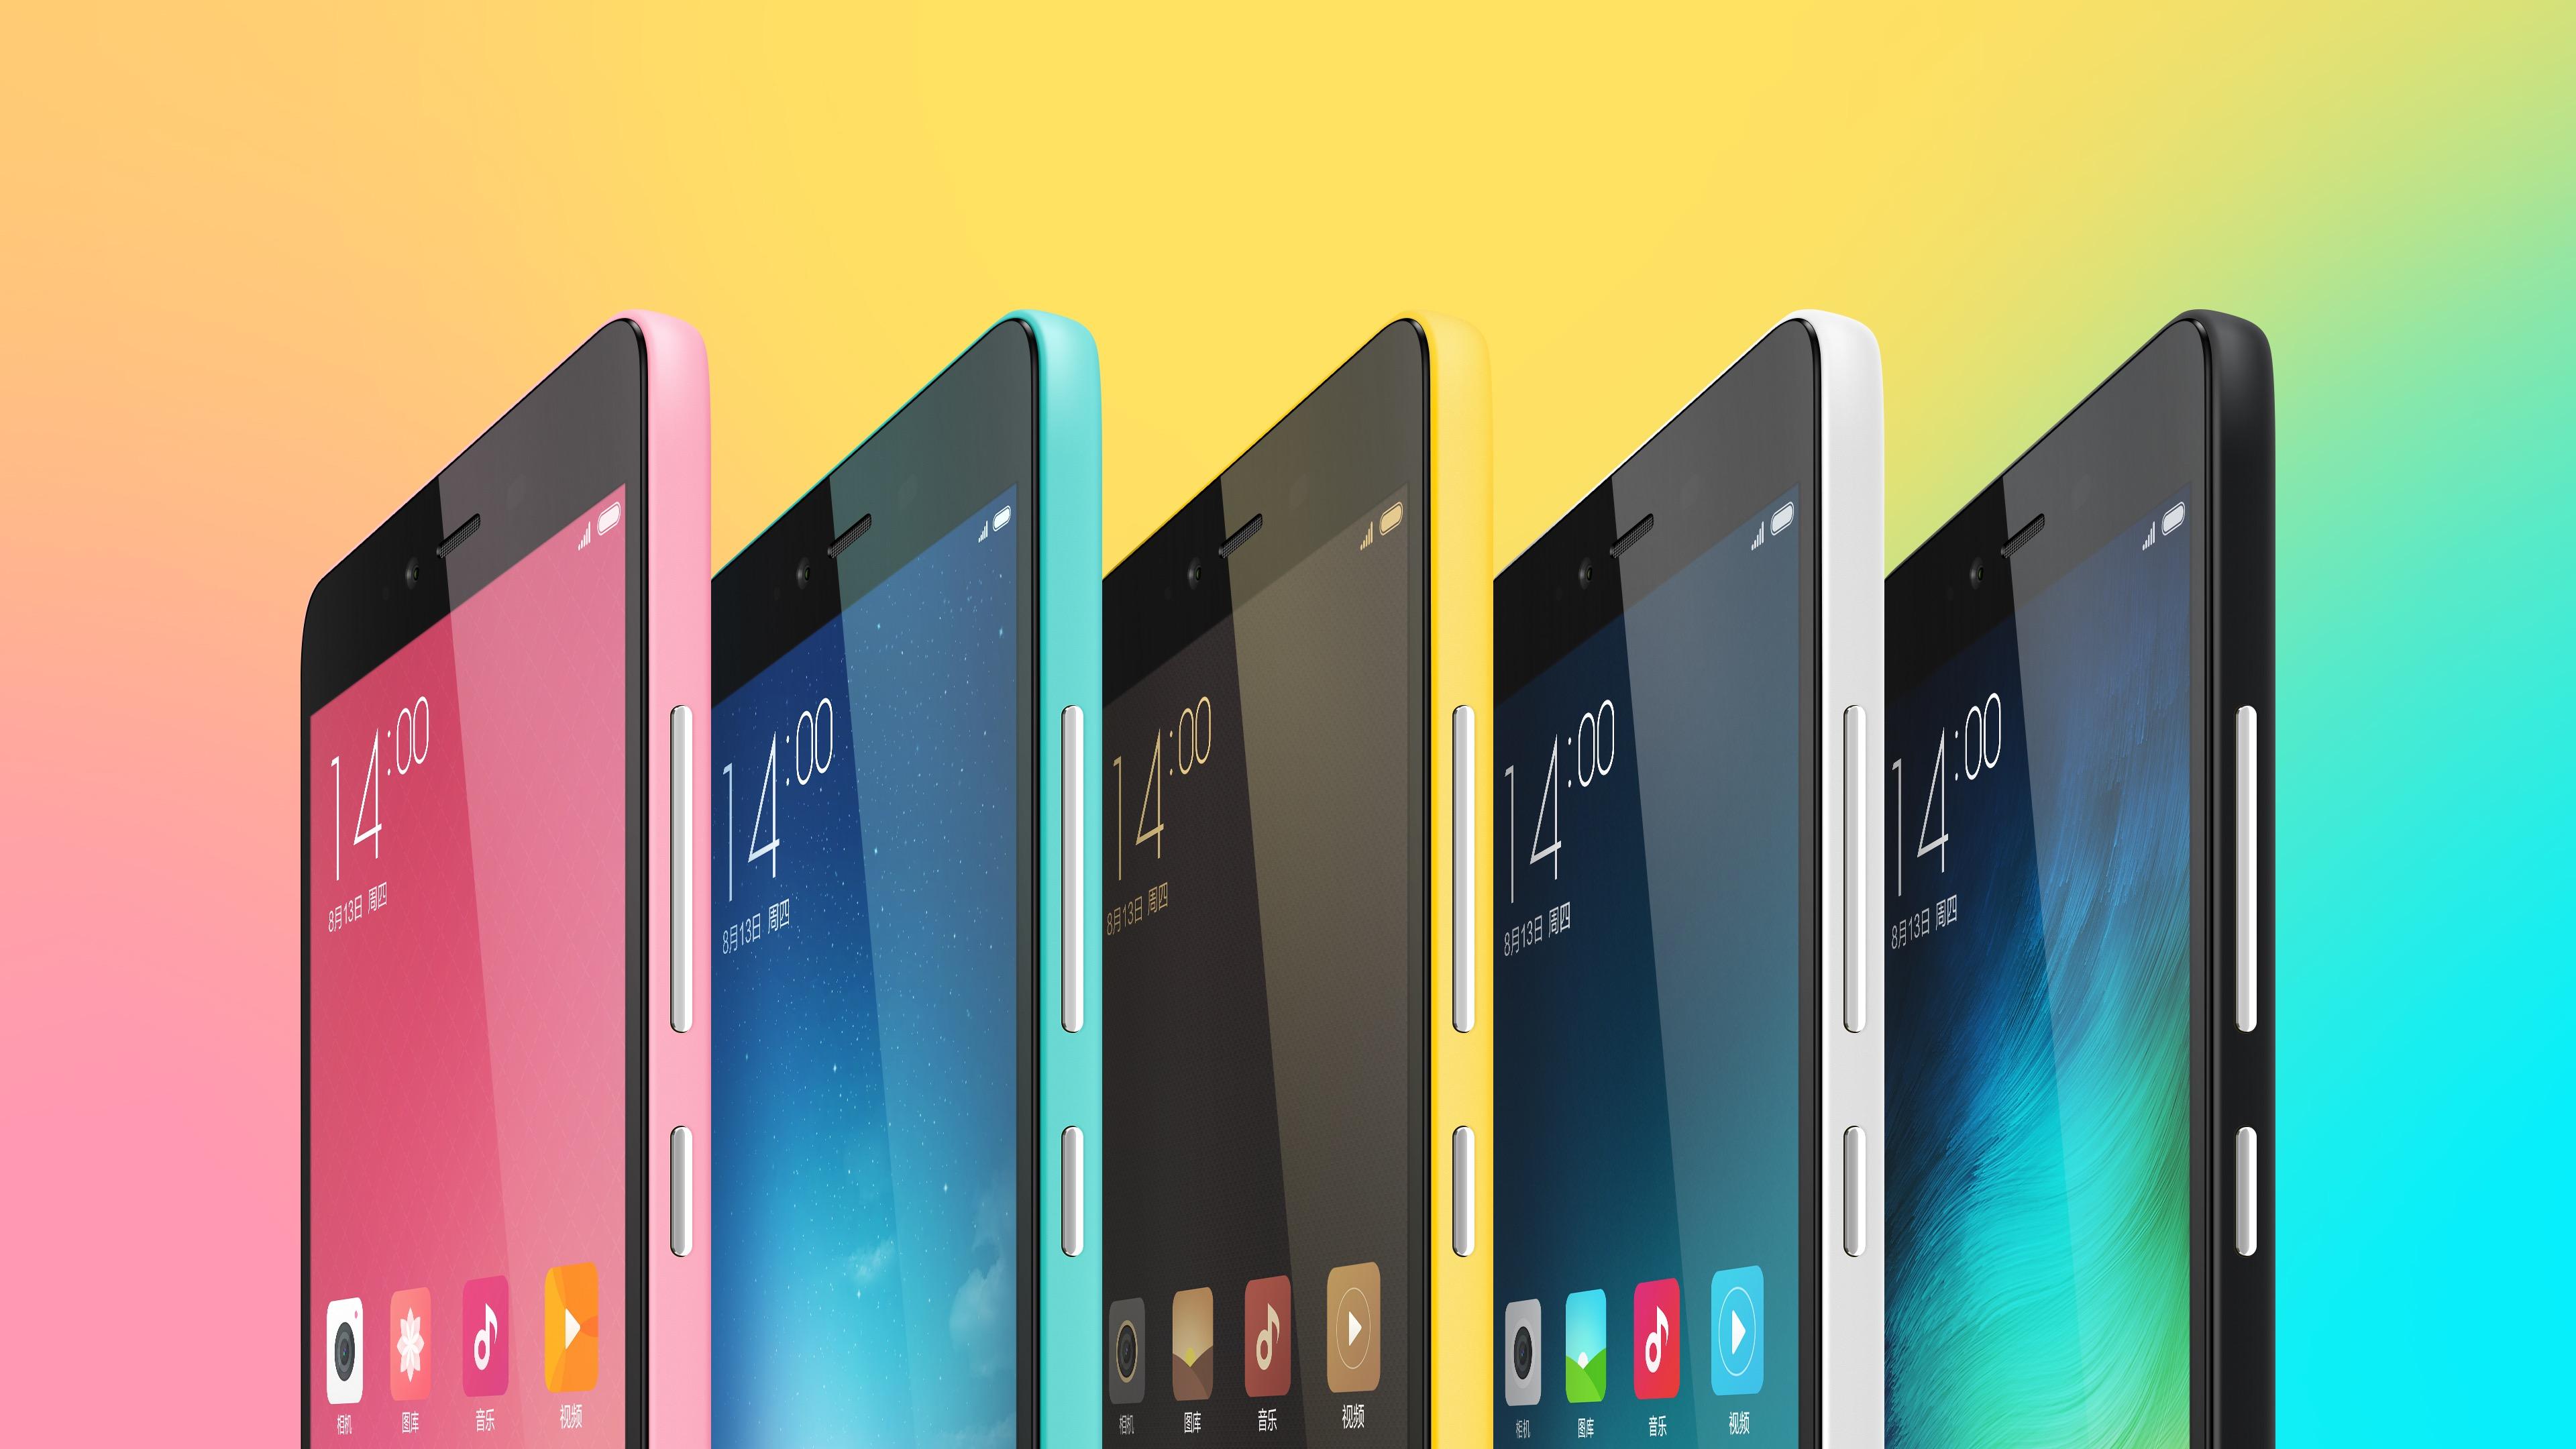 Цена насмартфон Xiaomi Mi6 в РФ снизилась до22 400 руб.